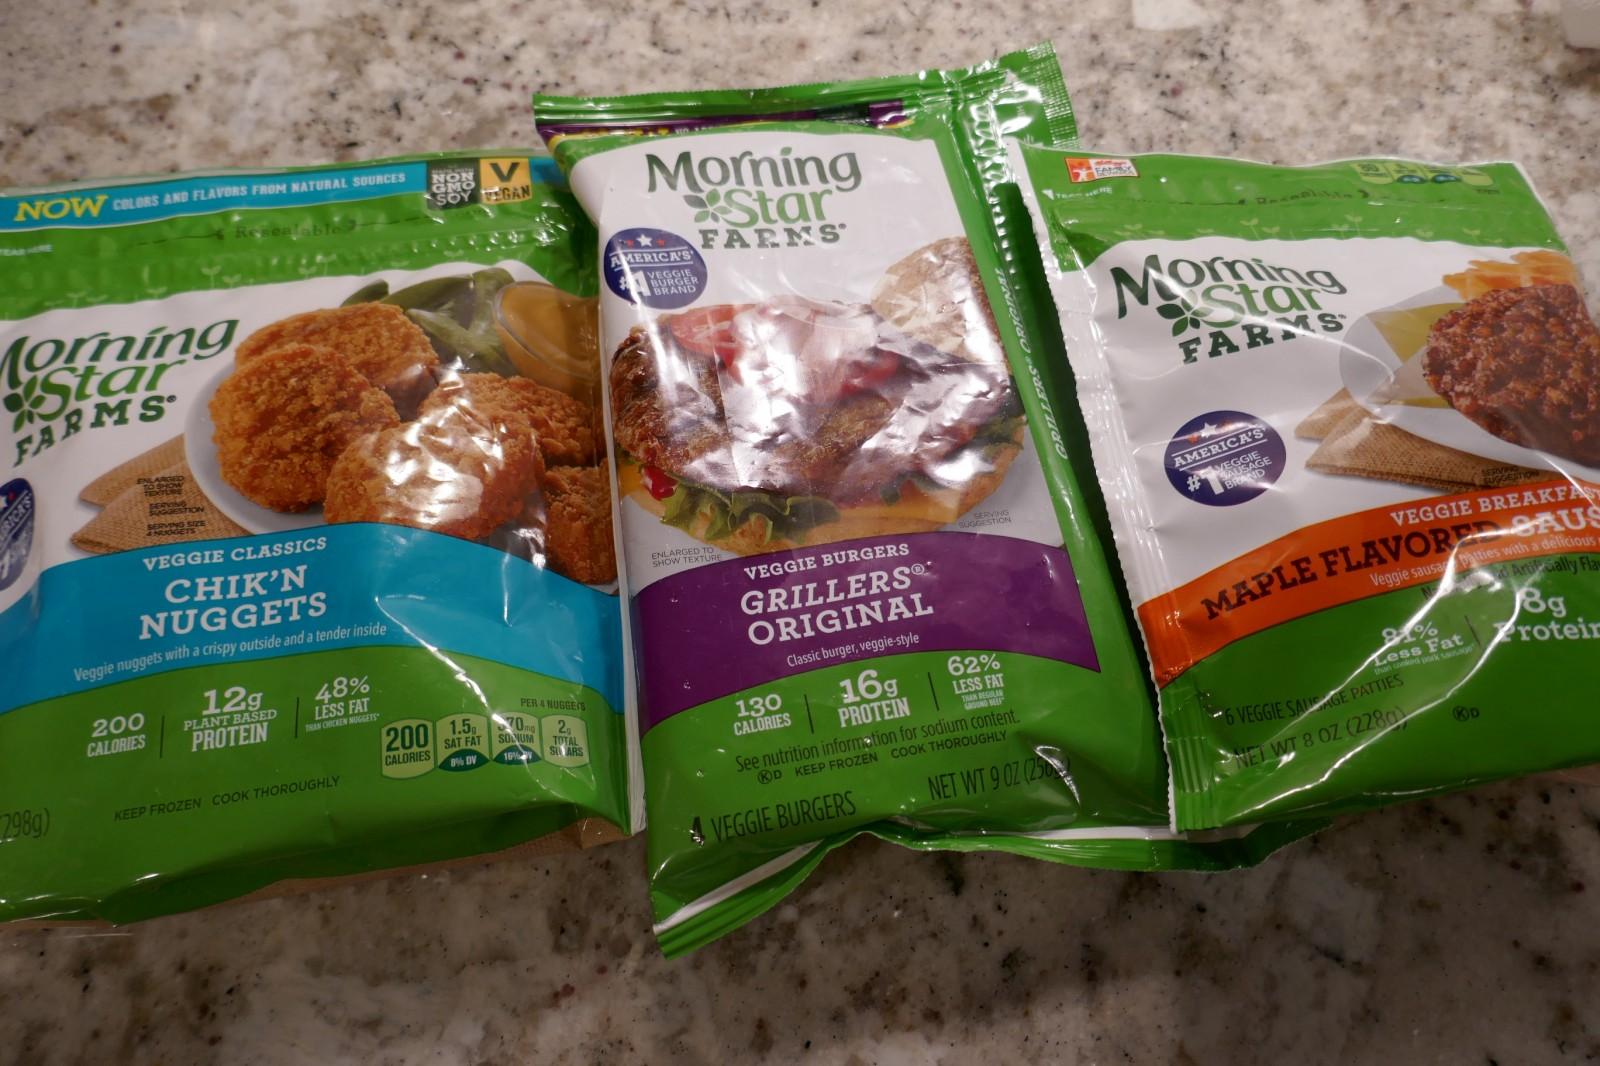 これから日本でも流行ると見込まれる代替ミート。米国で急伸中の大豆たんぱく冷凍食品を試食